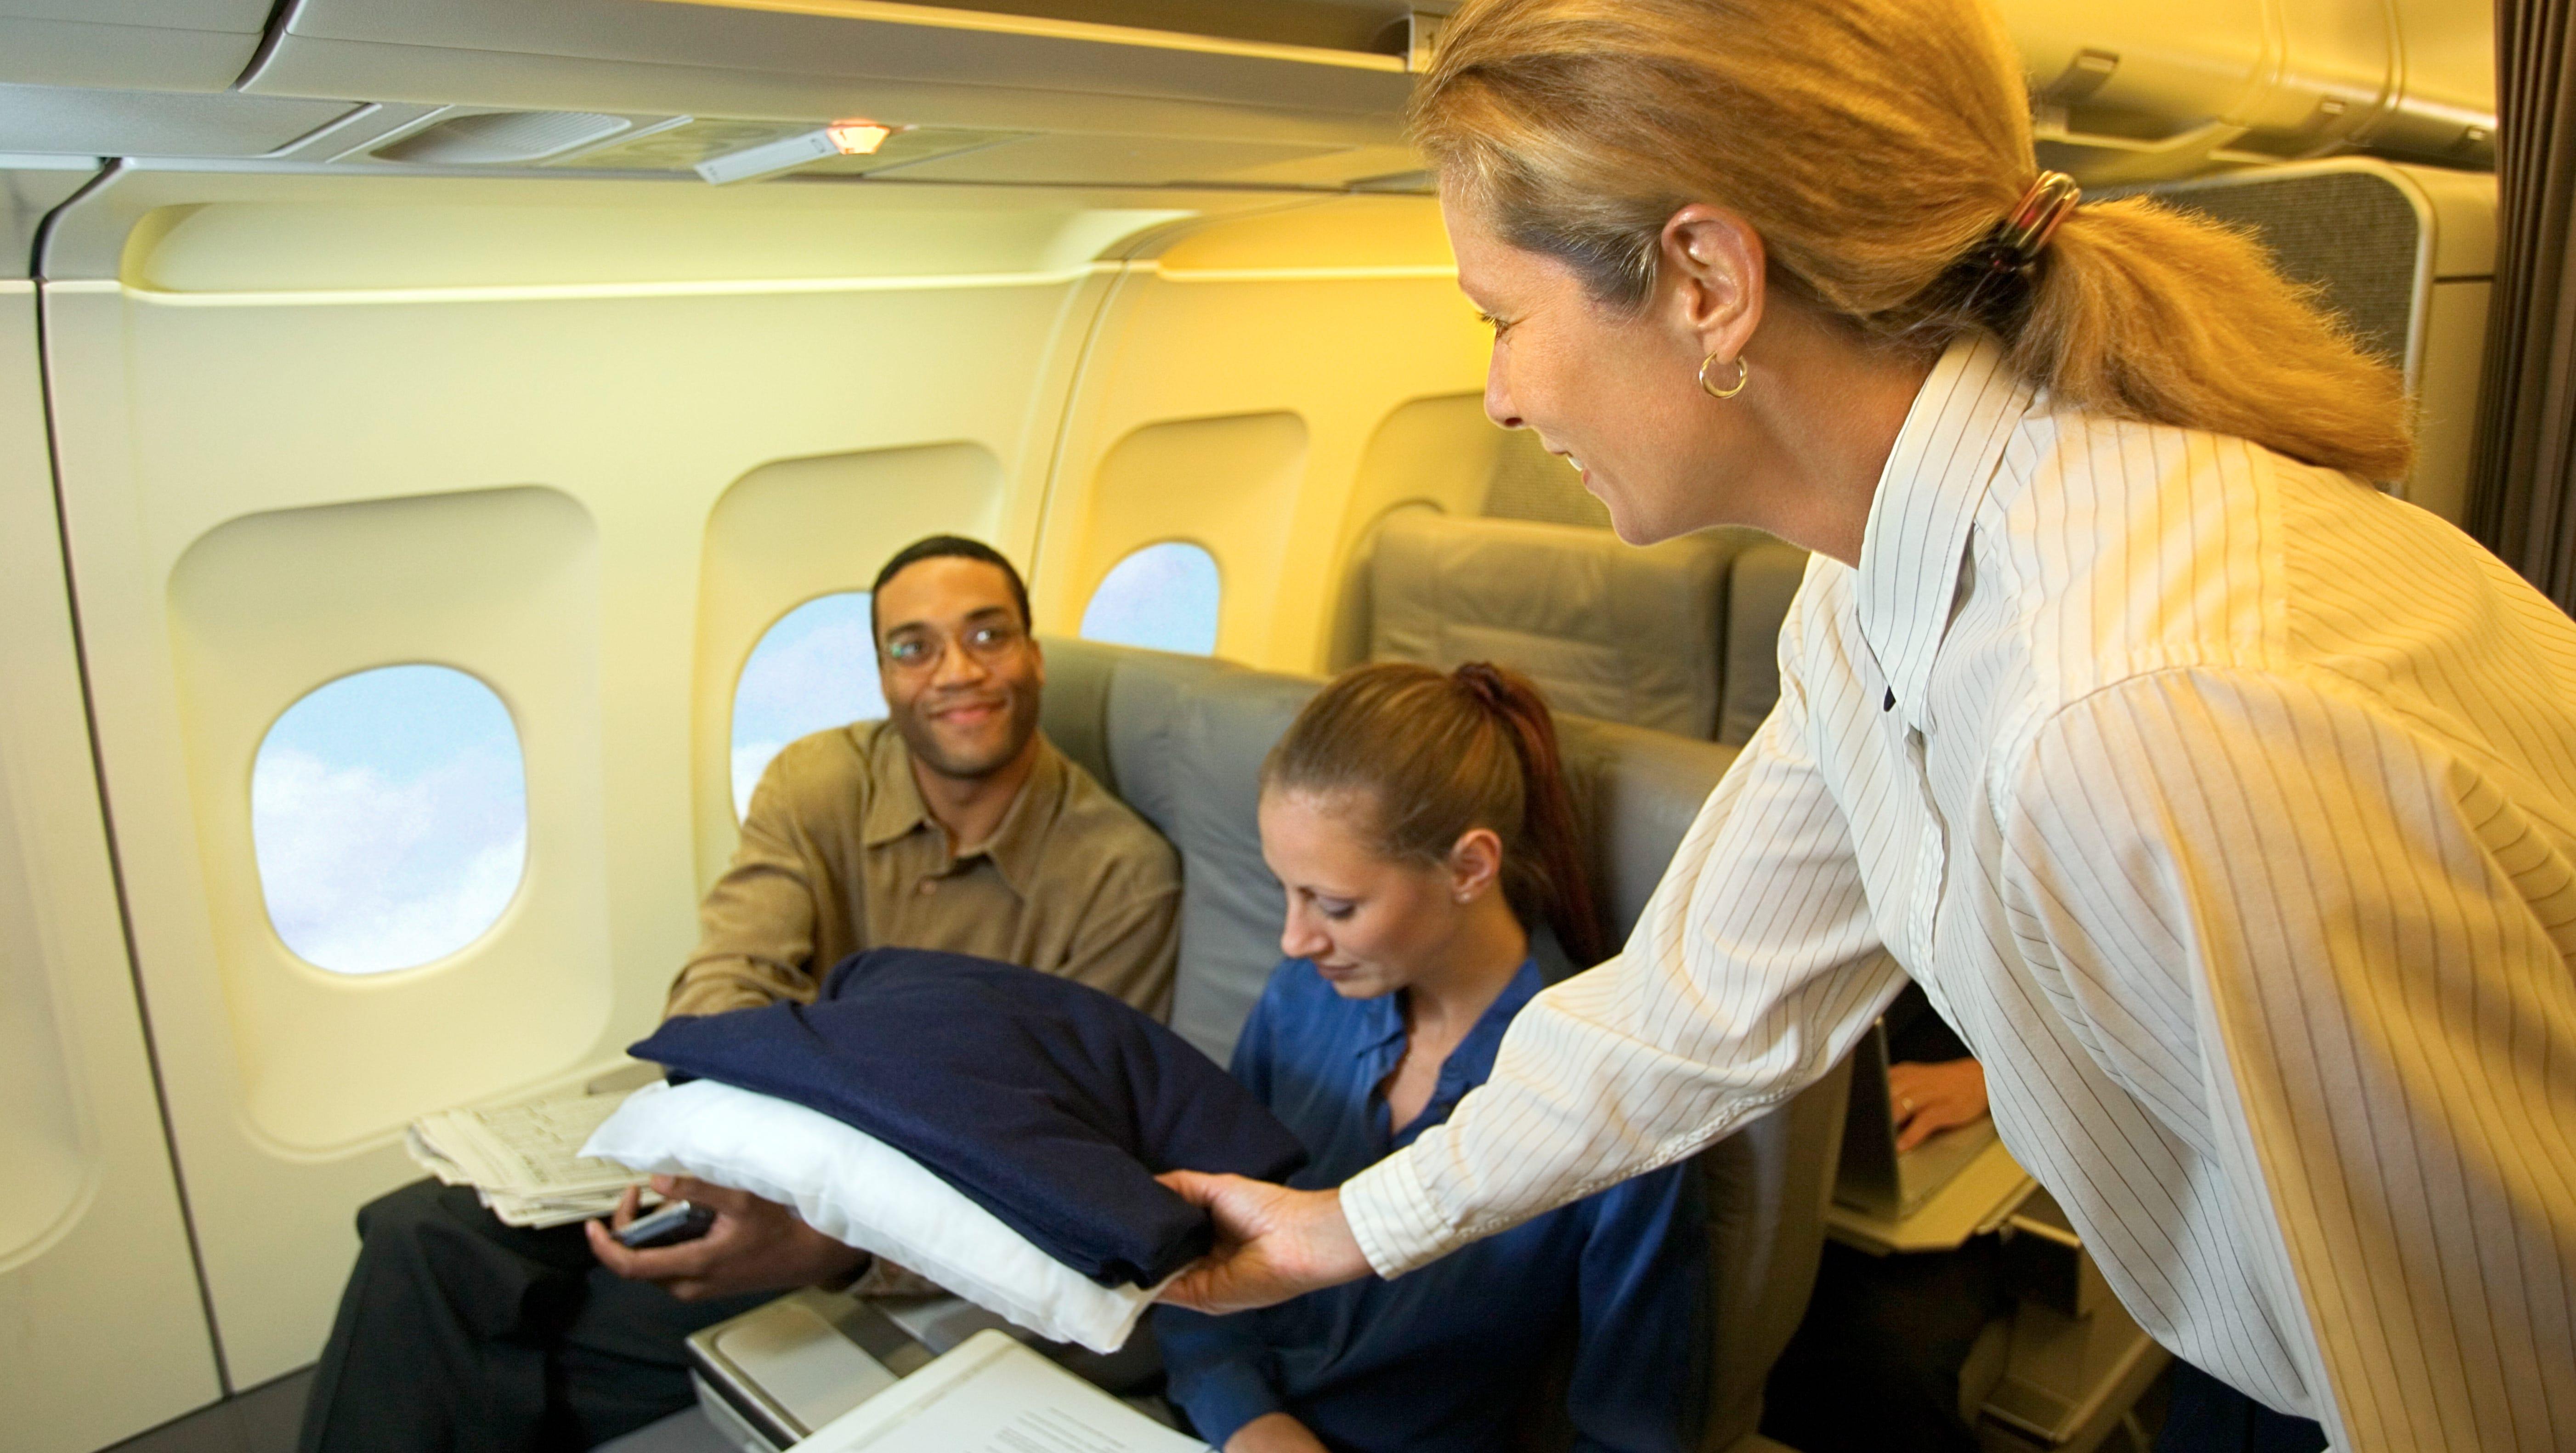 Can flight attendants date passengers